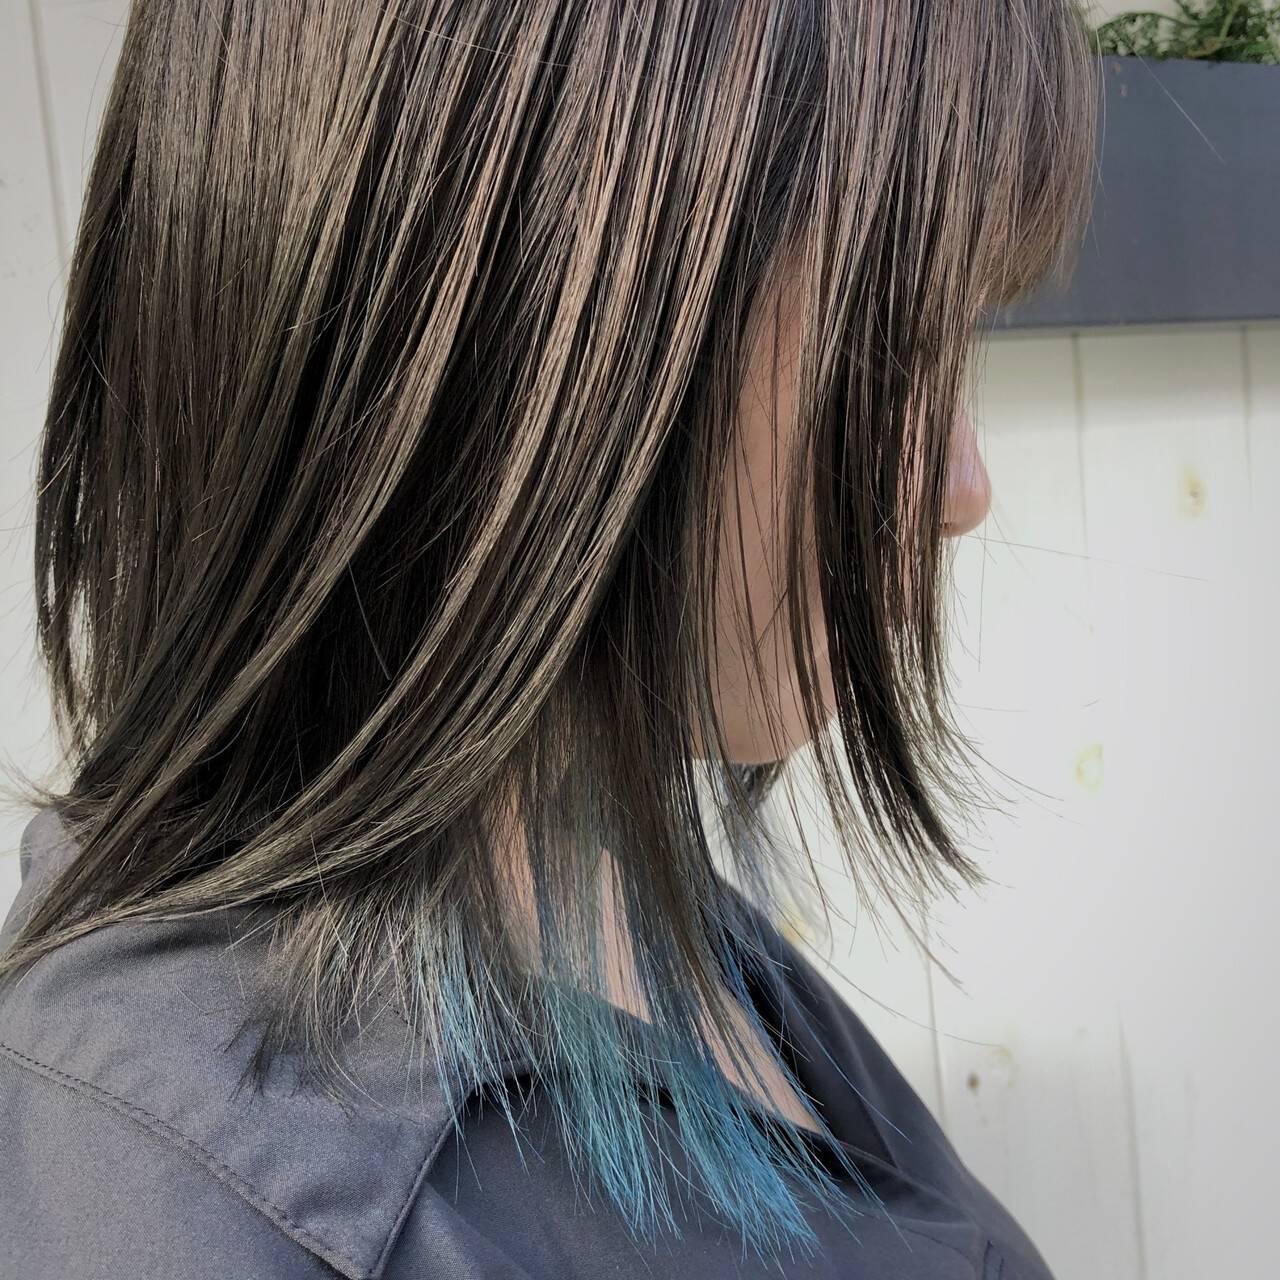 ブリーチカラー ハイトーンカラー ハイライト ミディアムヘアスタイルや髪型の写真・画像